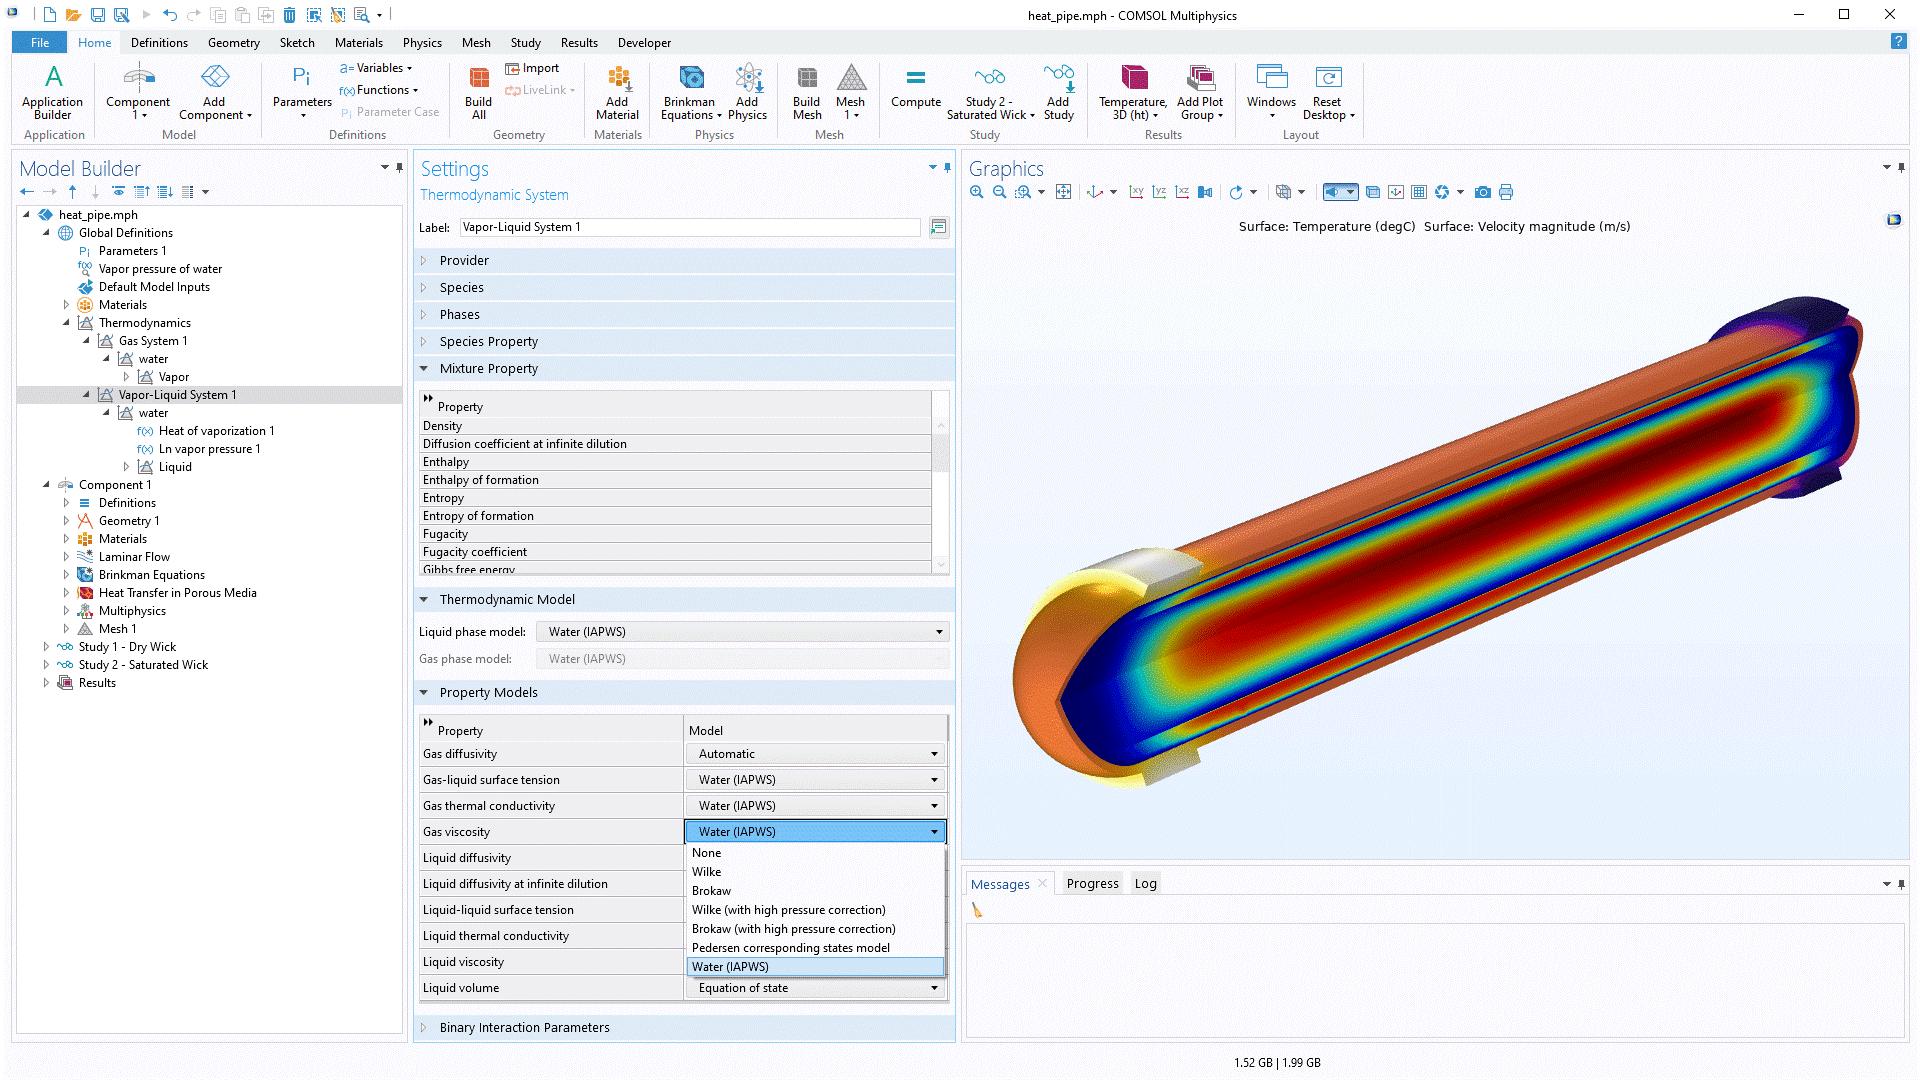 열역학 시스템을 정의하기 위한 화면에서 사용자는 열역학 모델을 선택할 수 있을 뿐만 아니라 모듈에서 계산되는 각 물성에 대해 물성 모델을 선택할 수 있습니다.